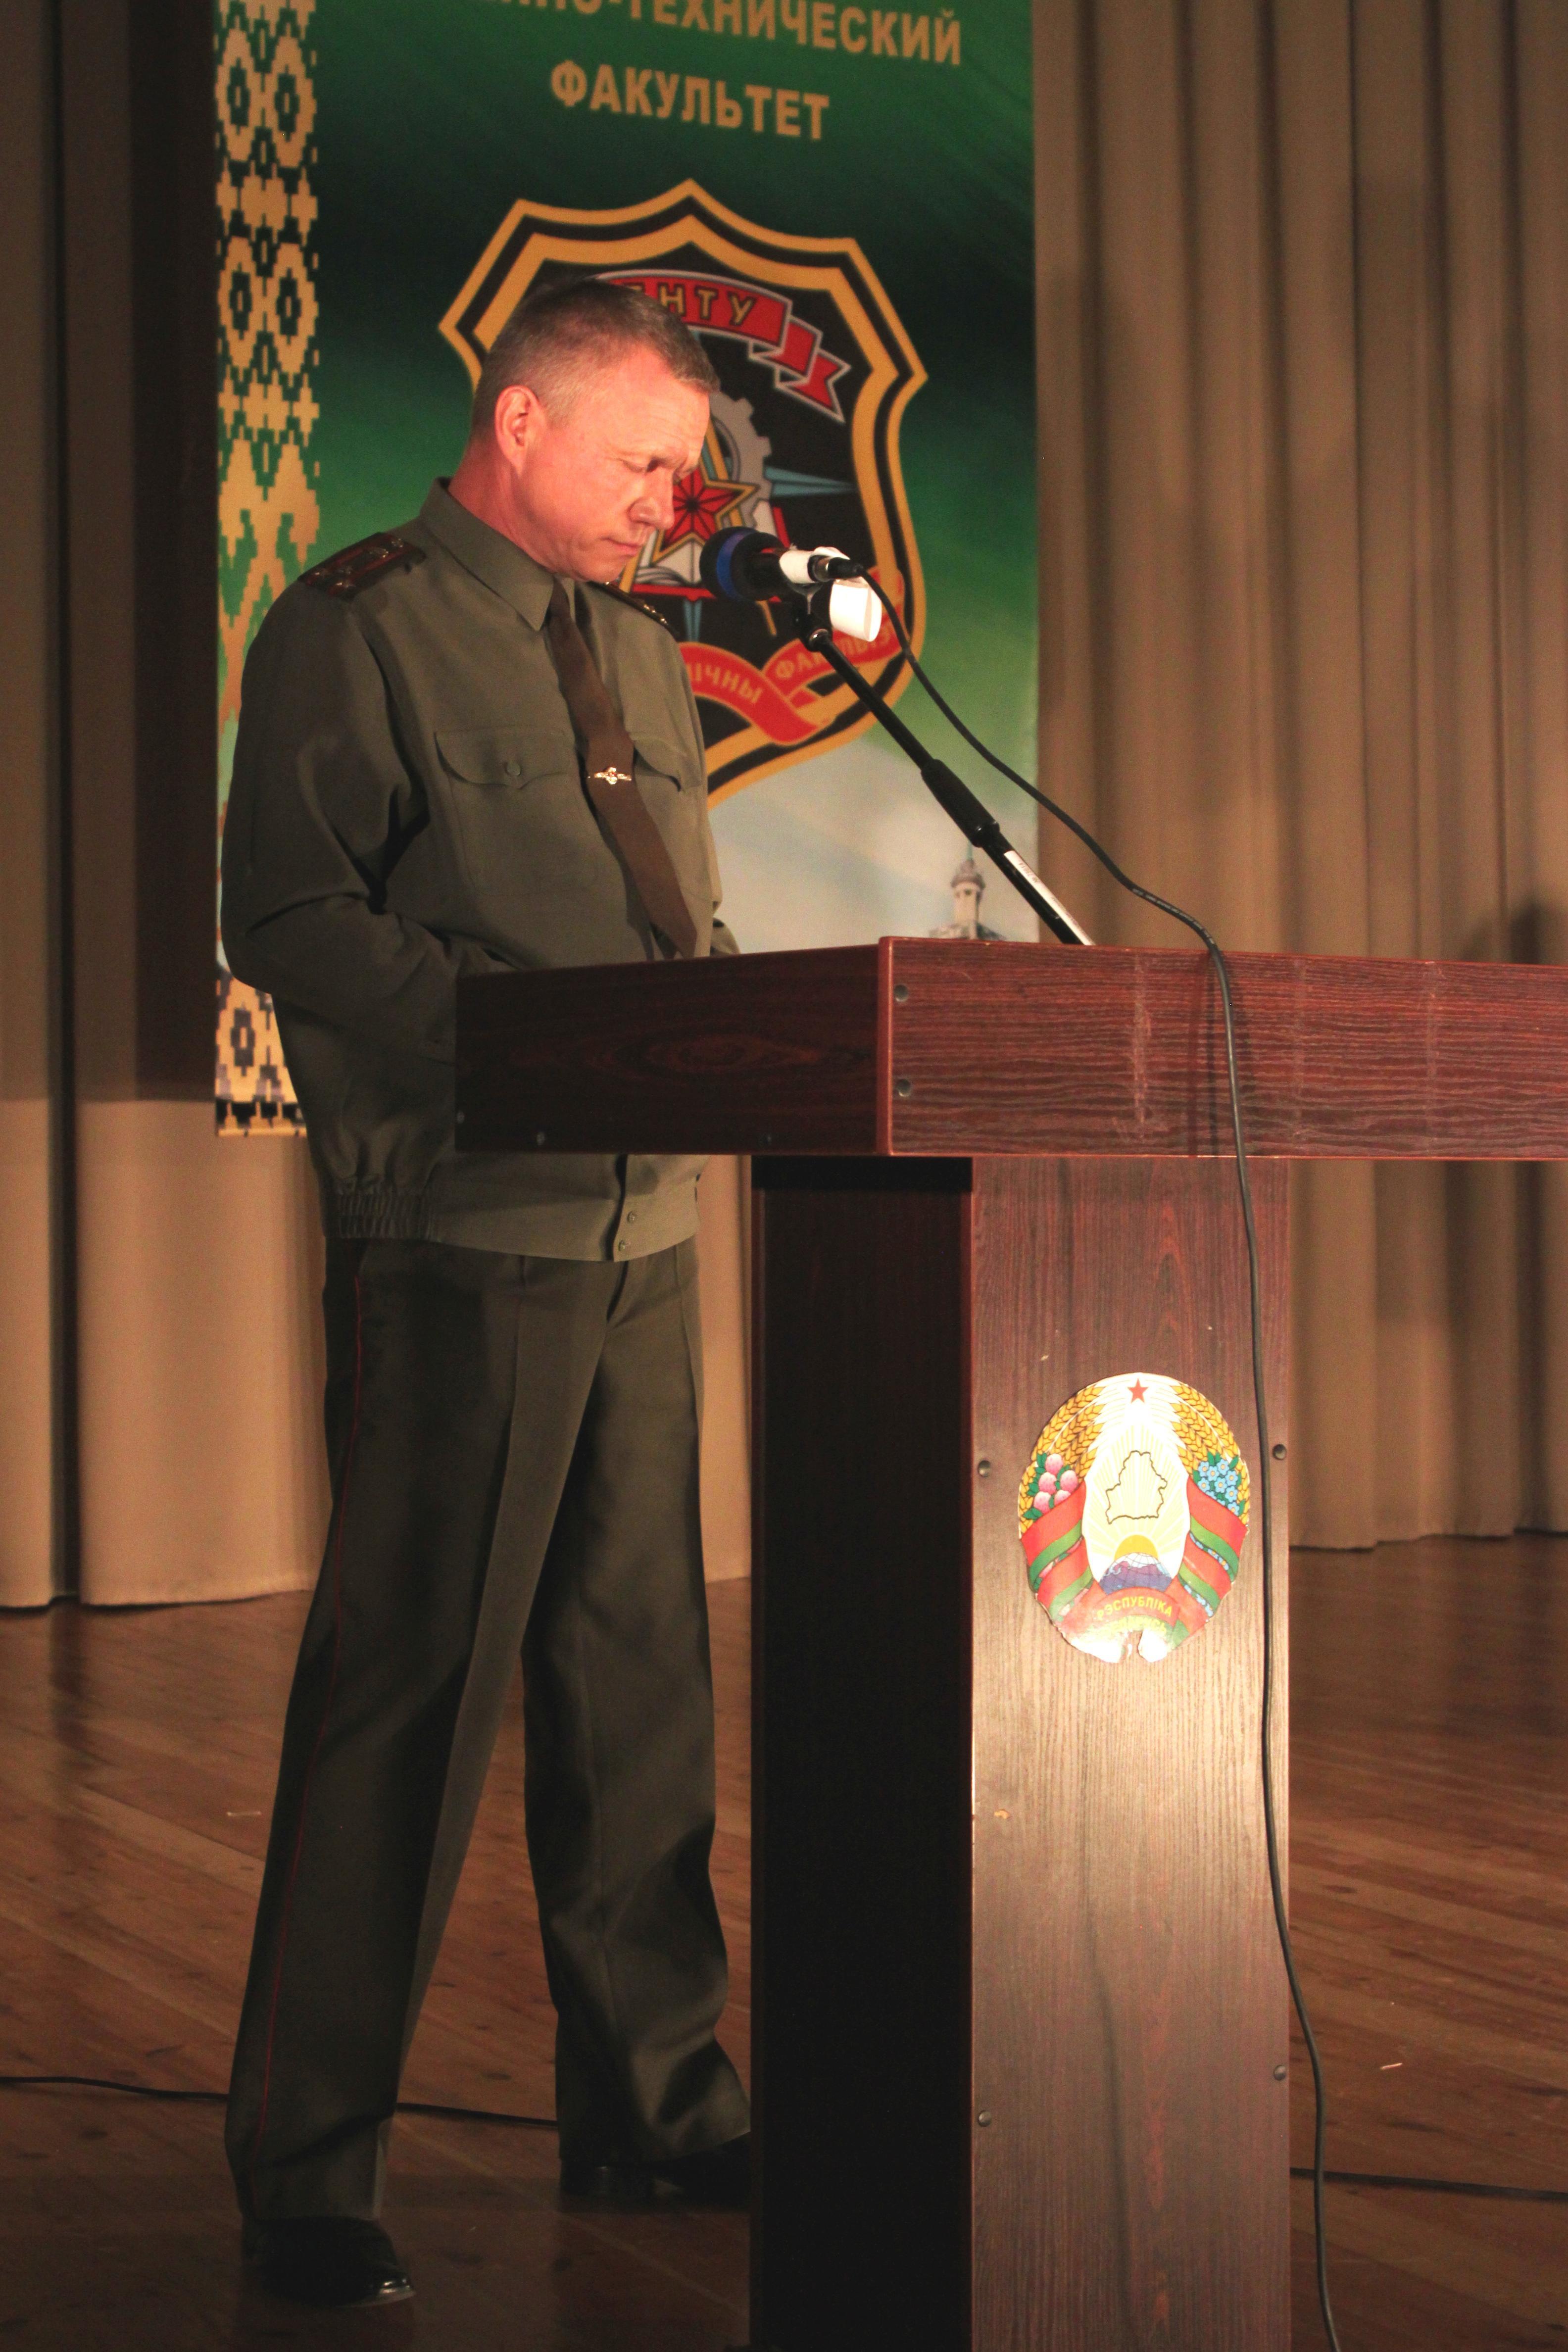 Начальник ВТФ поковник Герасимюк Александр Иванович открыл мероприятие